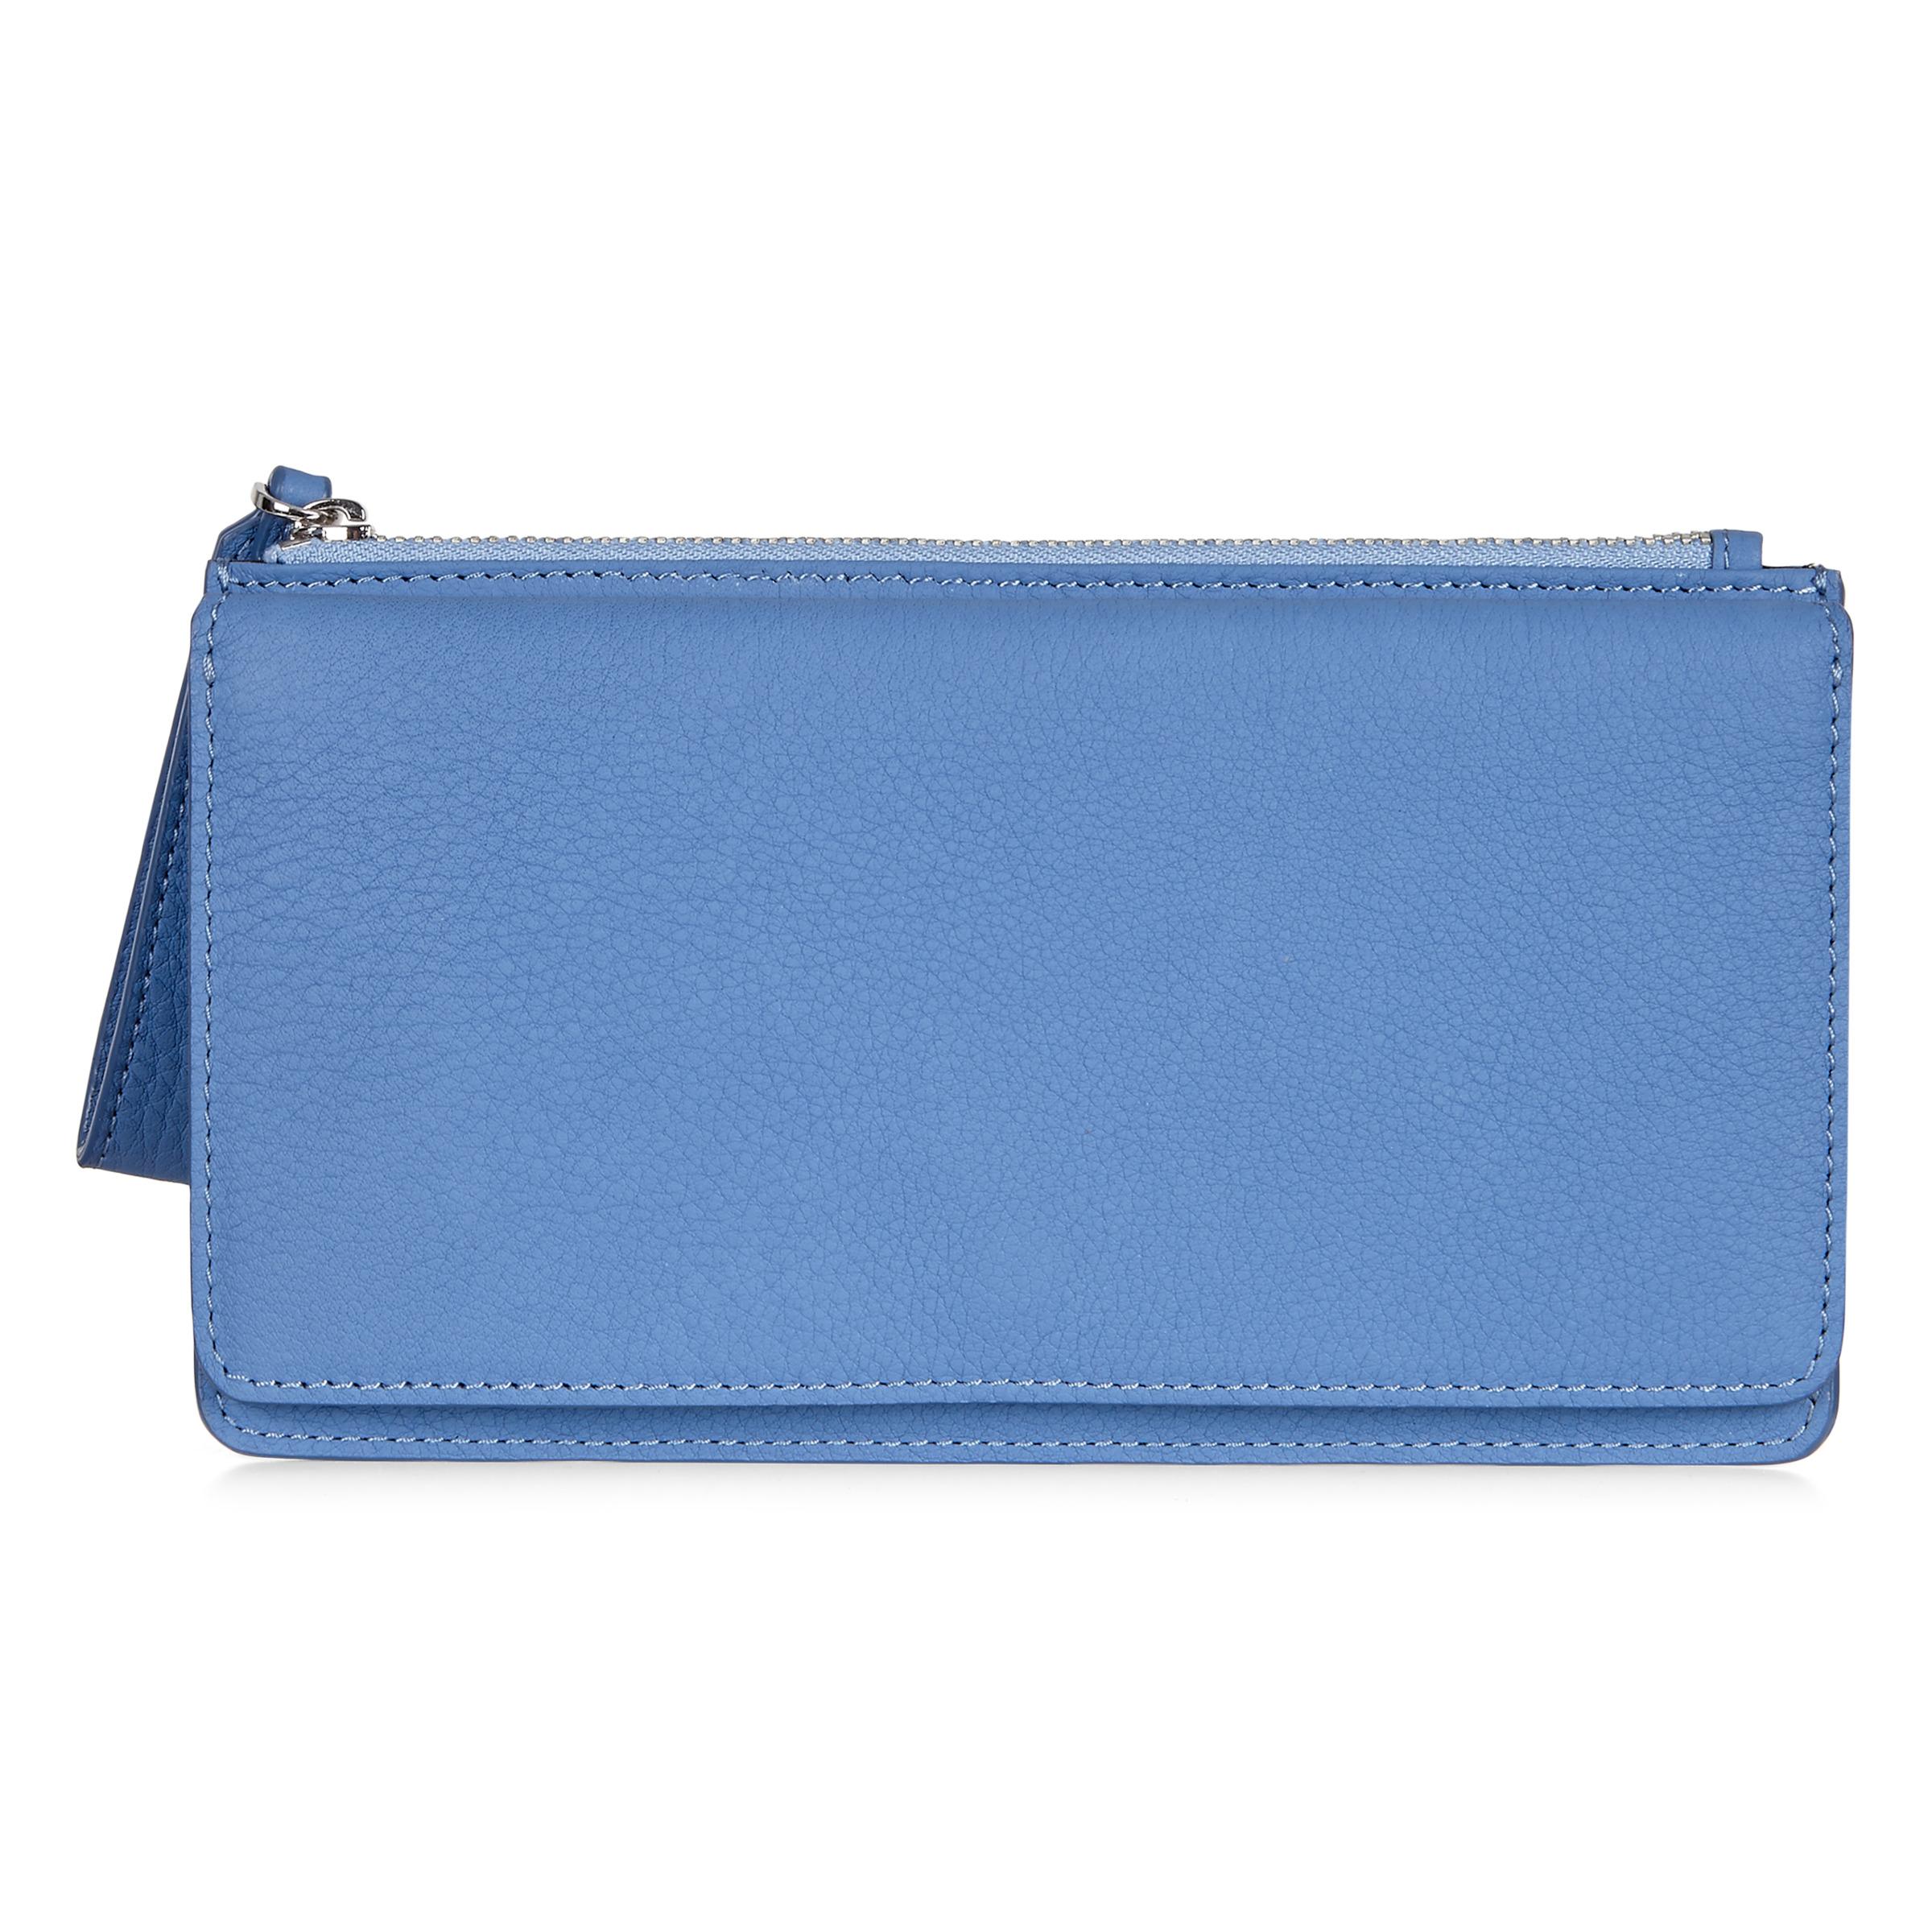 ECCO Jilin Travel Wallet